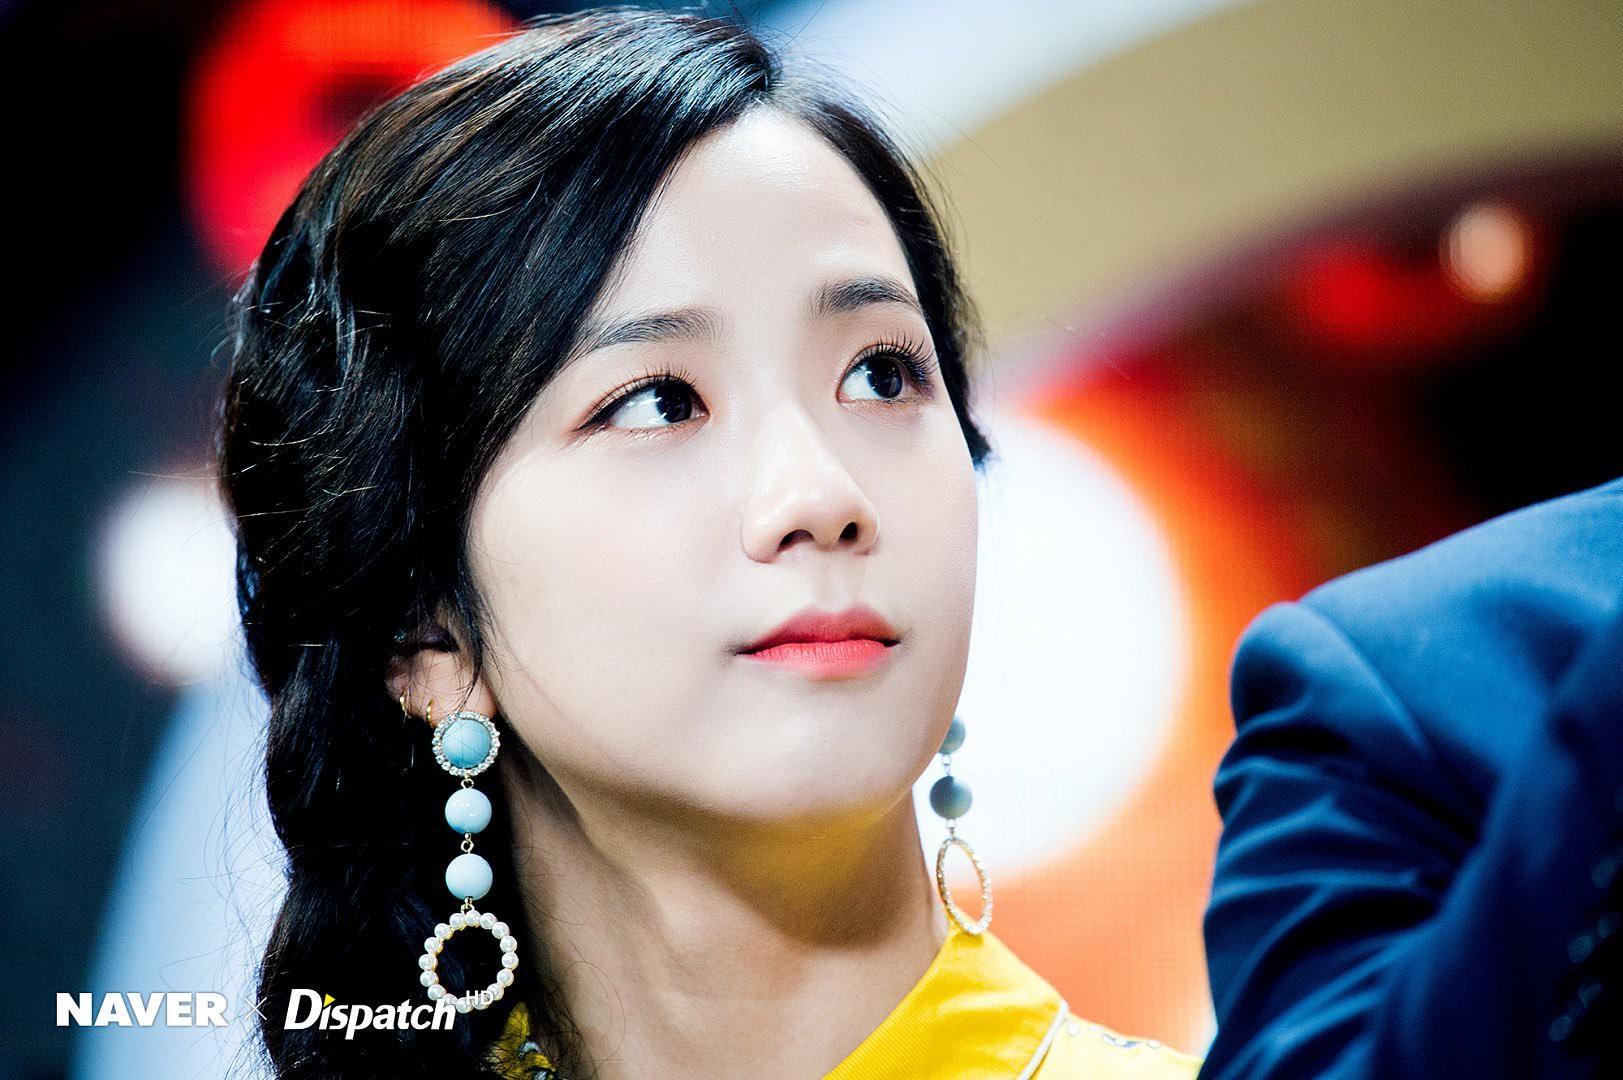 Nam giới Nhật chọn nữ idol đẹp nhất Kpop: TWICE, Black Pink đều có mặt nhưng không bì được nữ thần nhan sắc này - Ảnh 21.